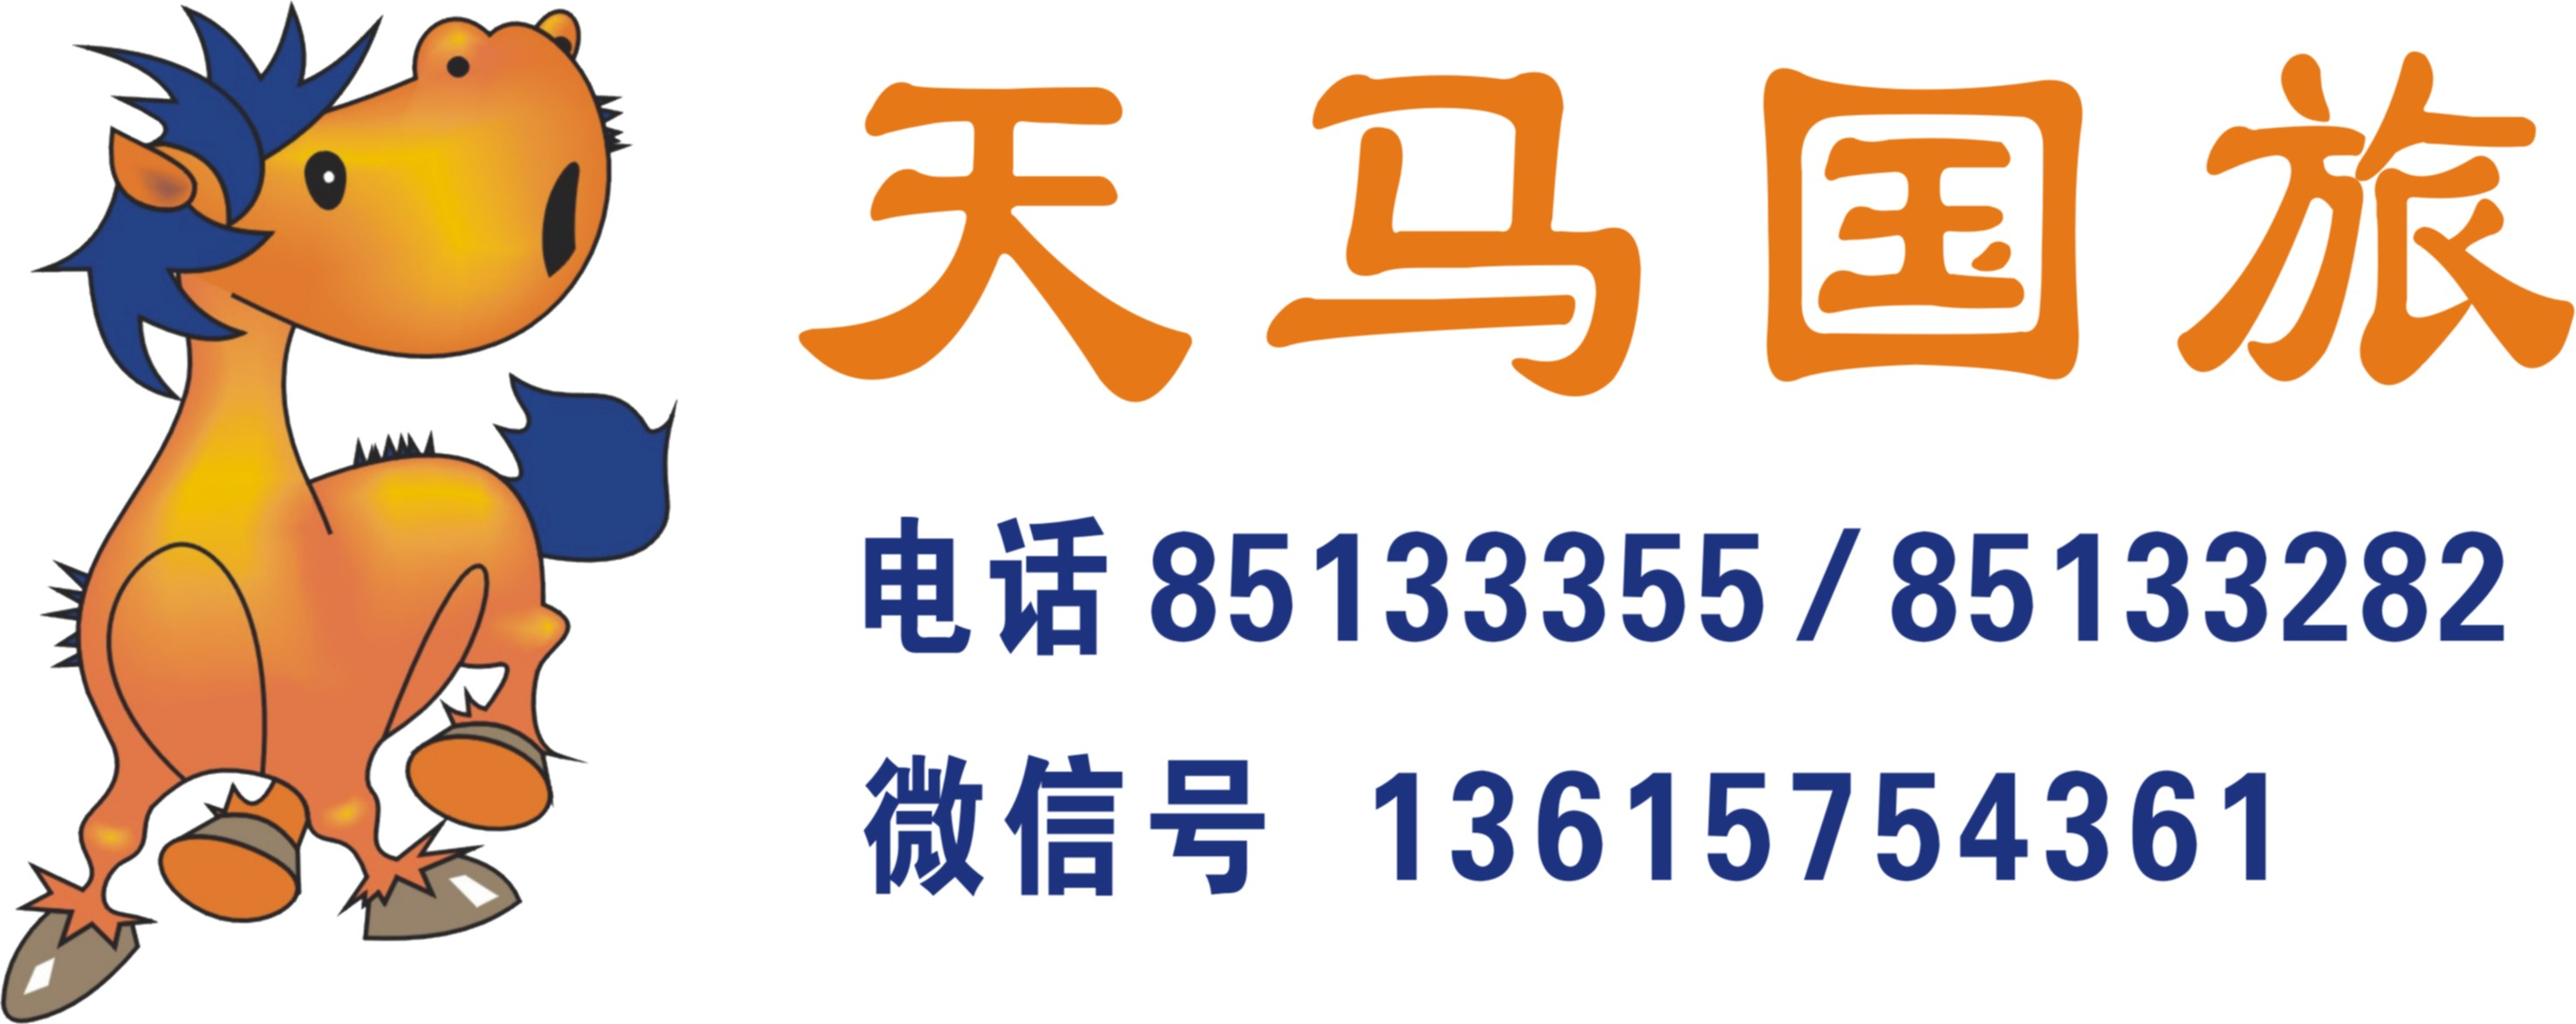 5.25【上海明珠塔、城隍庙外滩、海底世界、乐高二日】